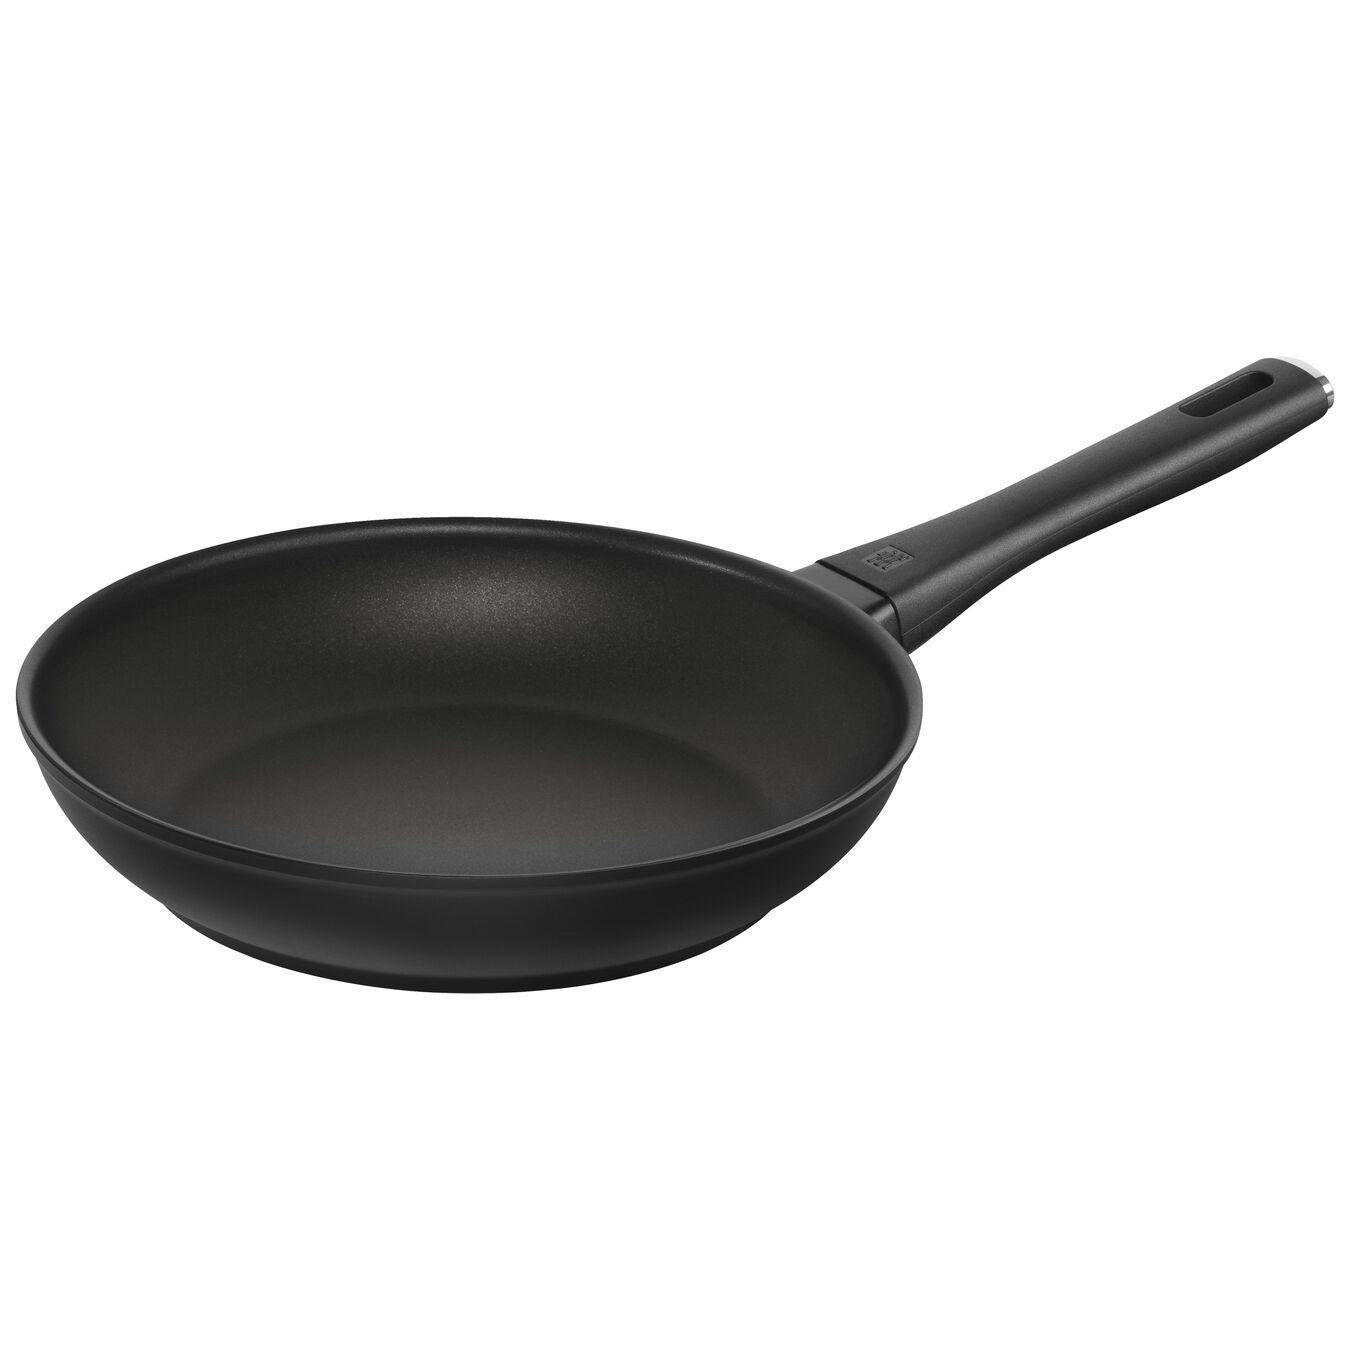 Nonstick 2-pc Fry Pan Set,,large 4